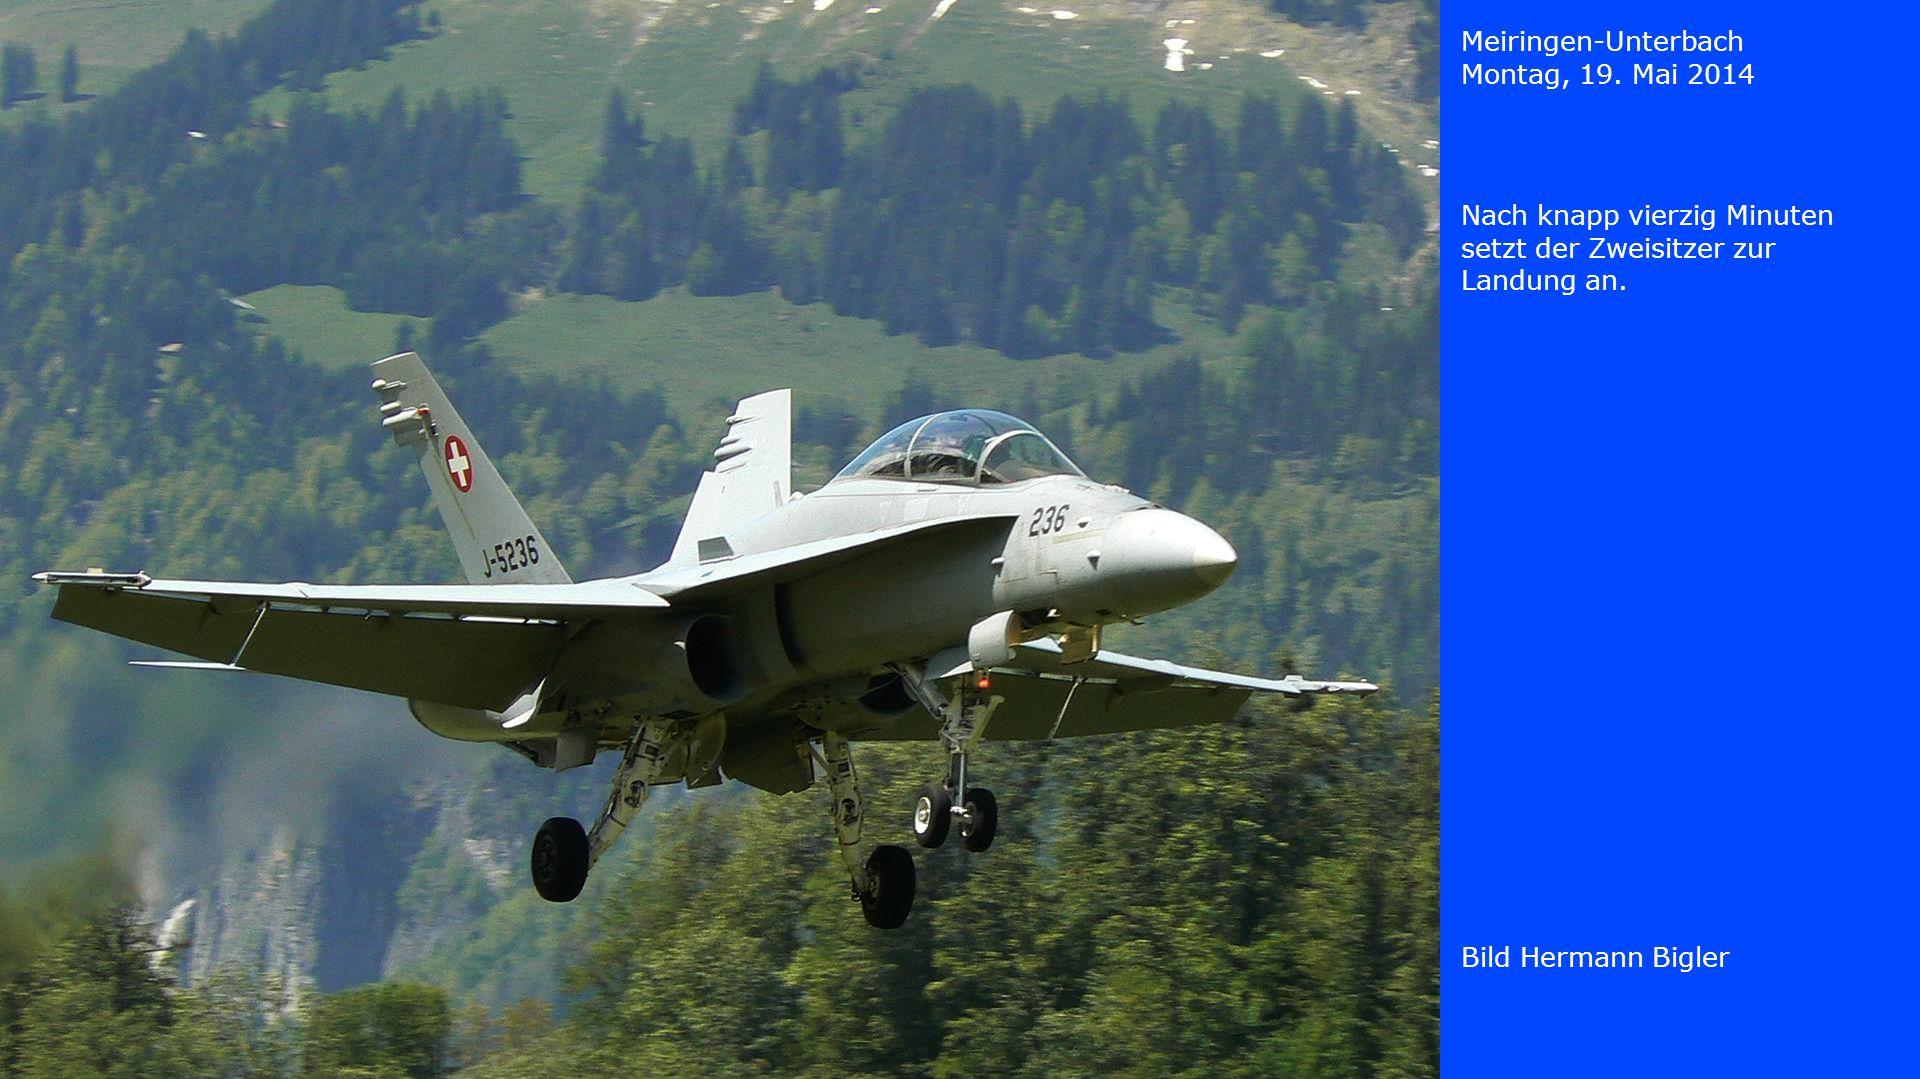 Meiringen-Unterbach Montag, 19. Mai 2014 Bild Hermann Bigler J-5021 landet